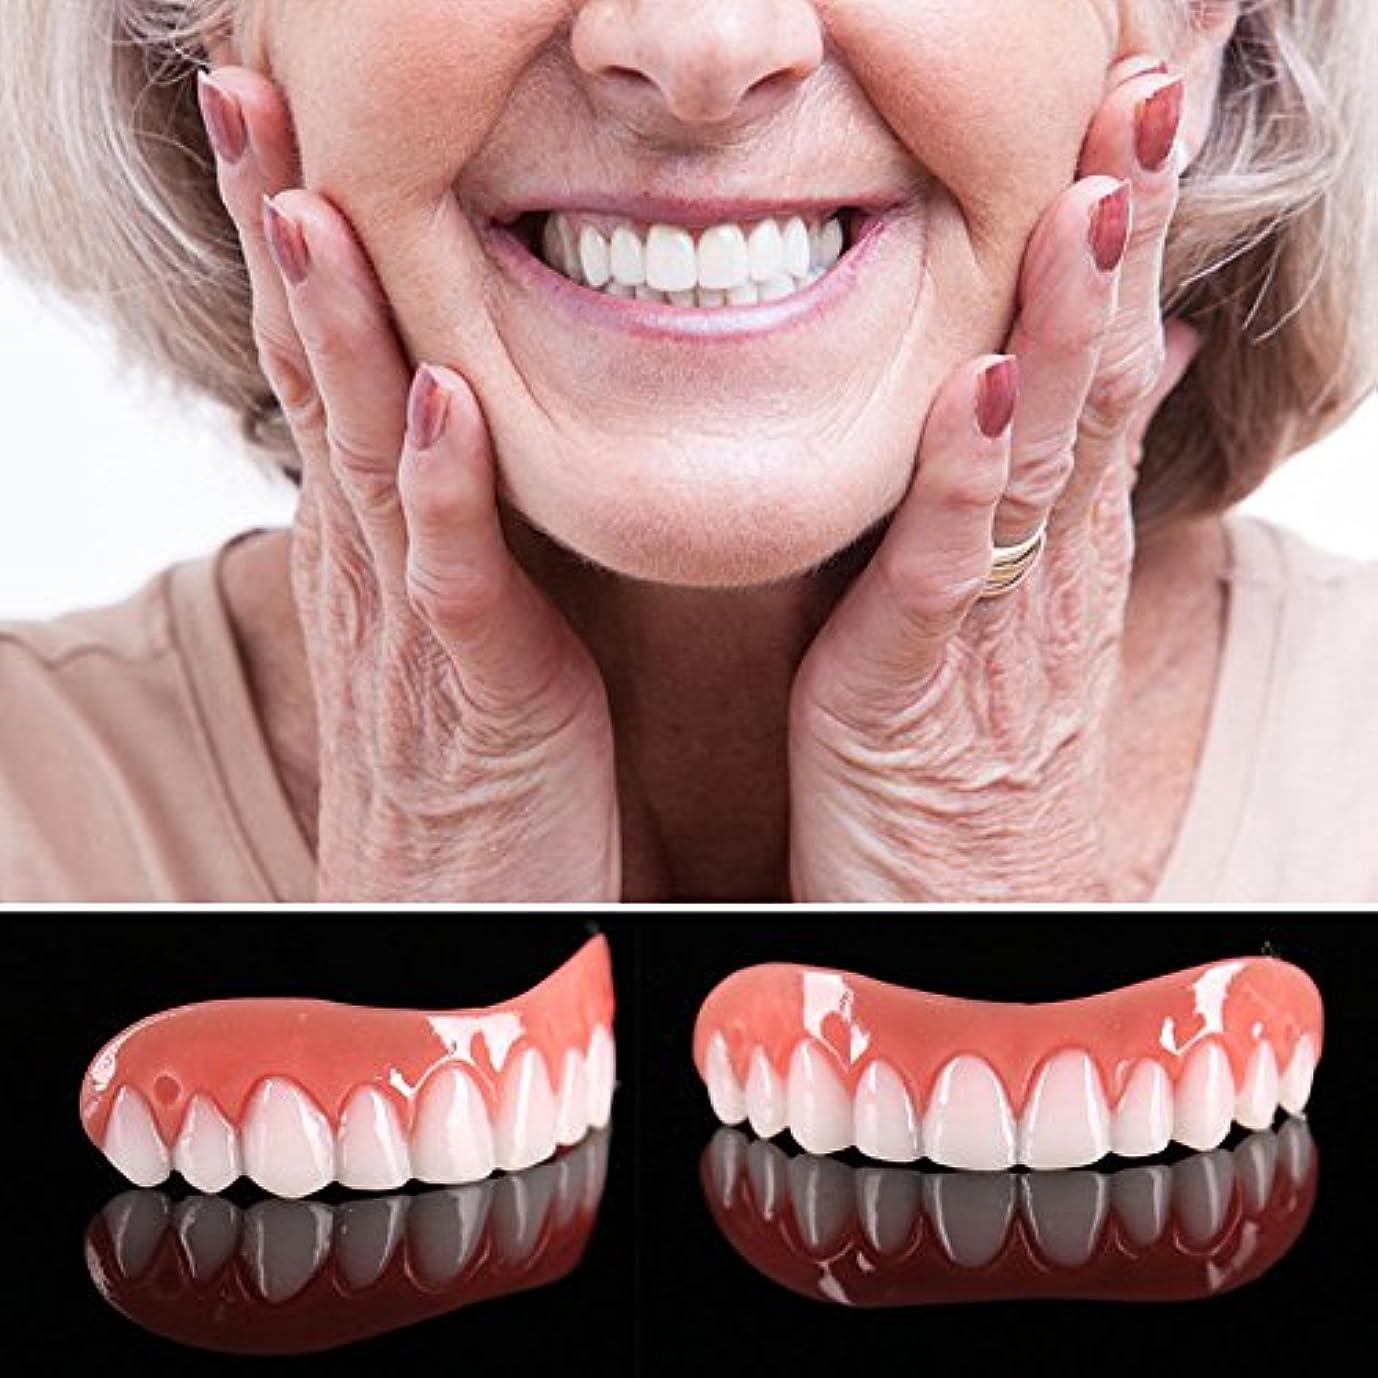 交通休憩世界の窓5ピースアッパーフェイク歯科用ベニアコンフォートフィット歯トップ化粧品ベニアワンサイズフィットすべての義歯接着剤歯偽義歯歯笑顔